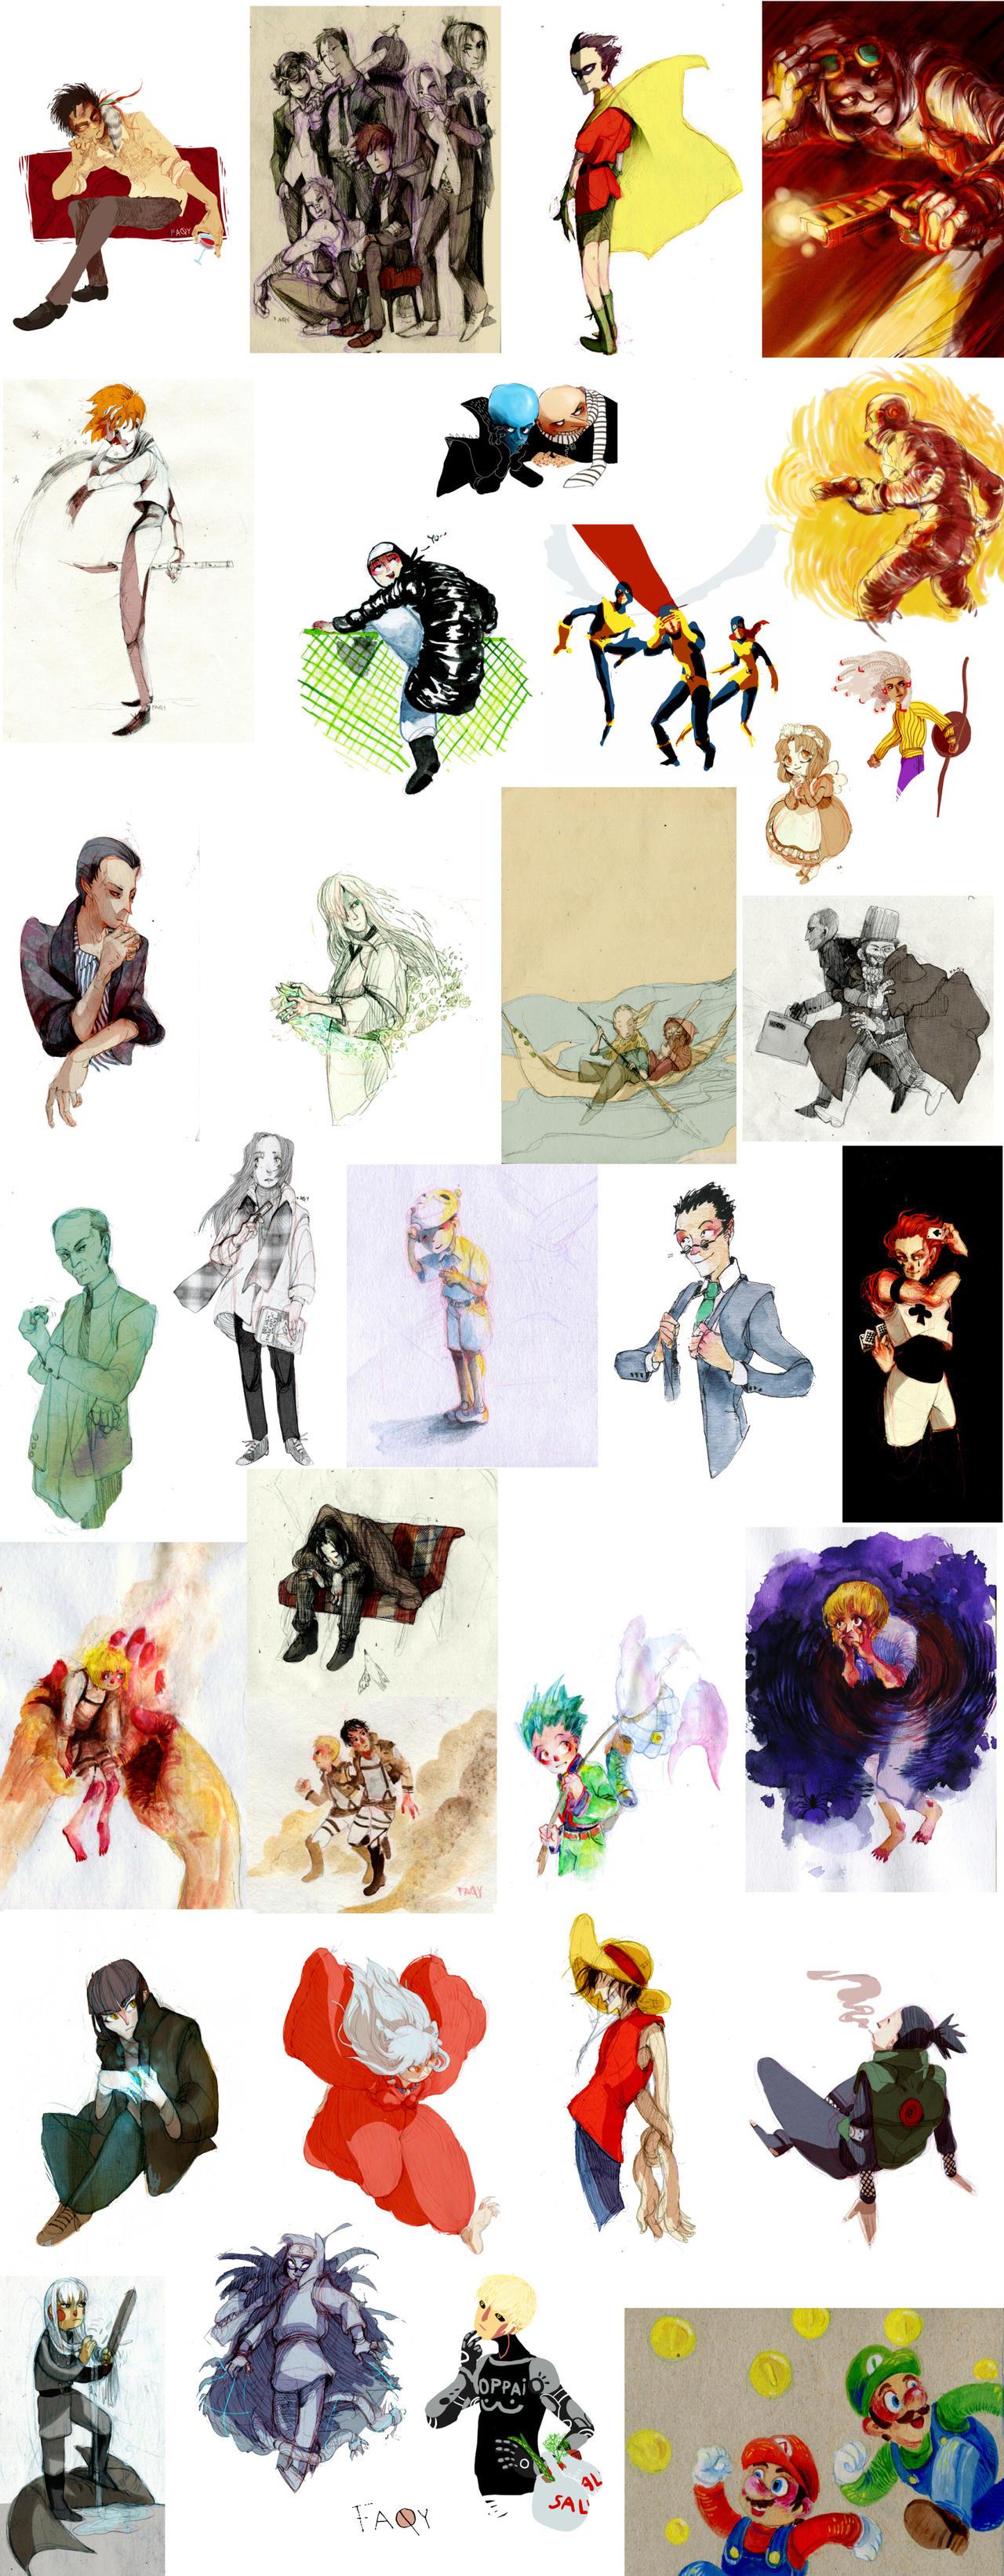 fan-art things by faQy